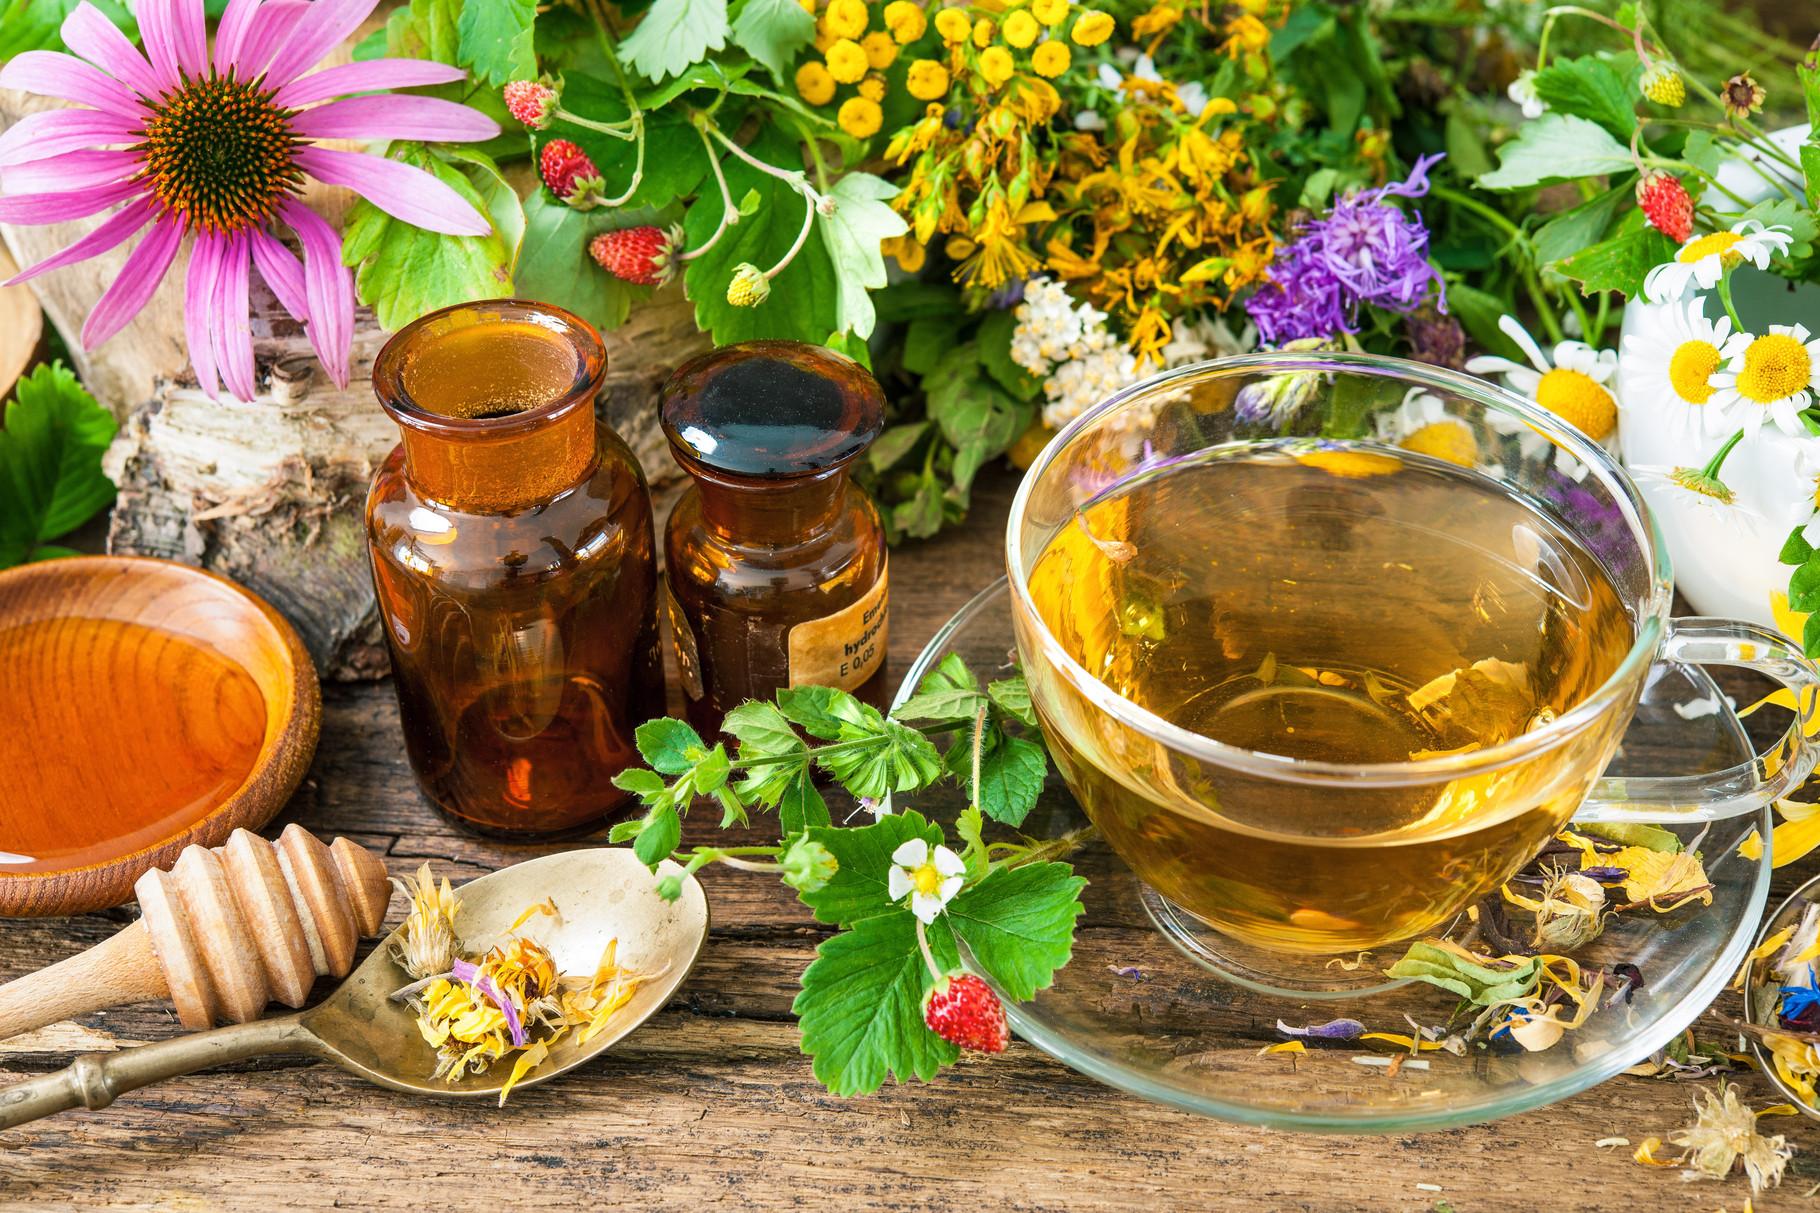 Целебный мед с травами - лекарственный рецепт приготовления